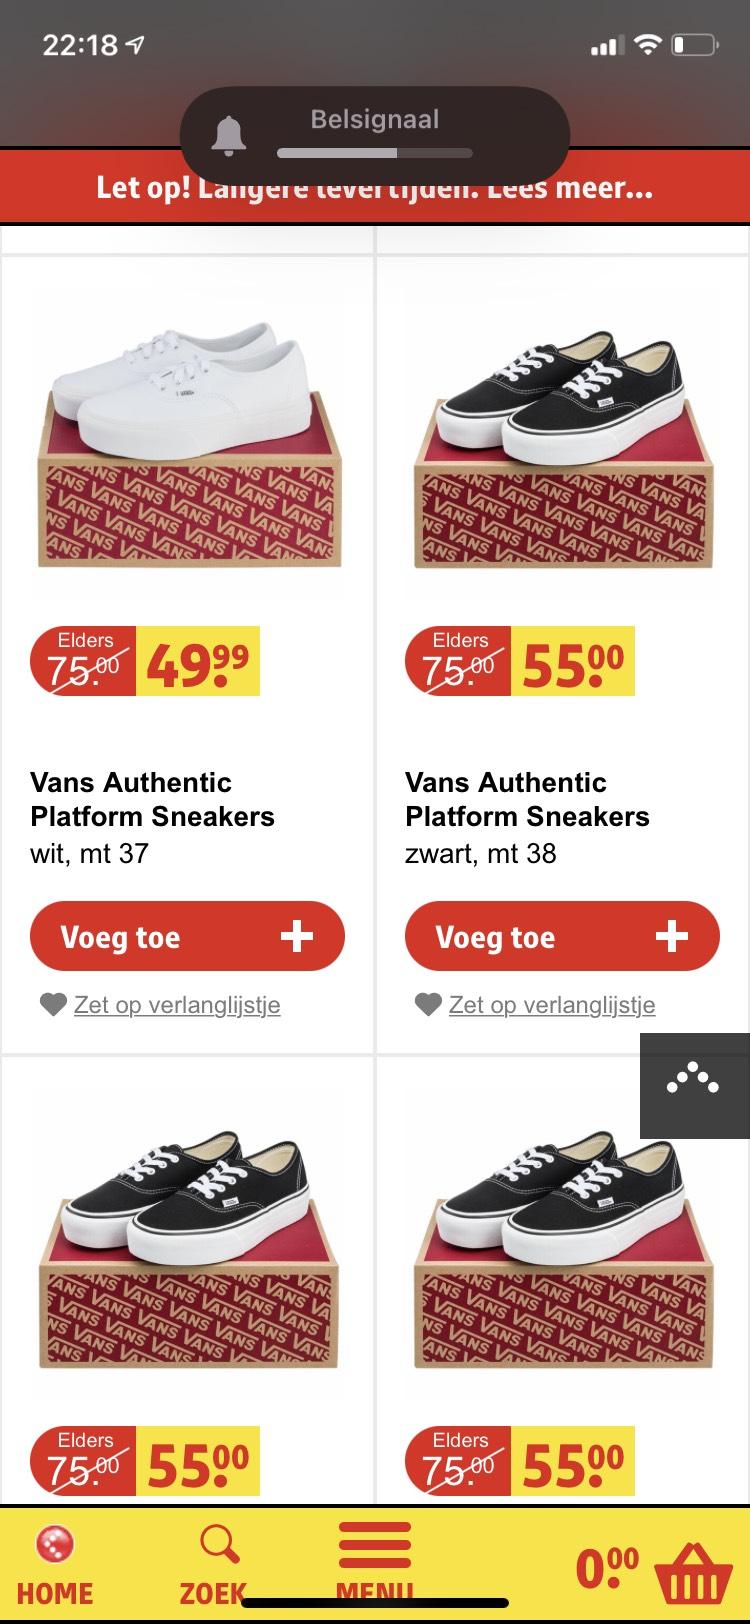 Vans sneakers voor €45 en €55